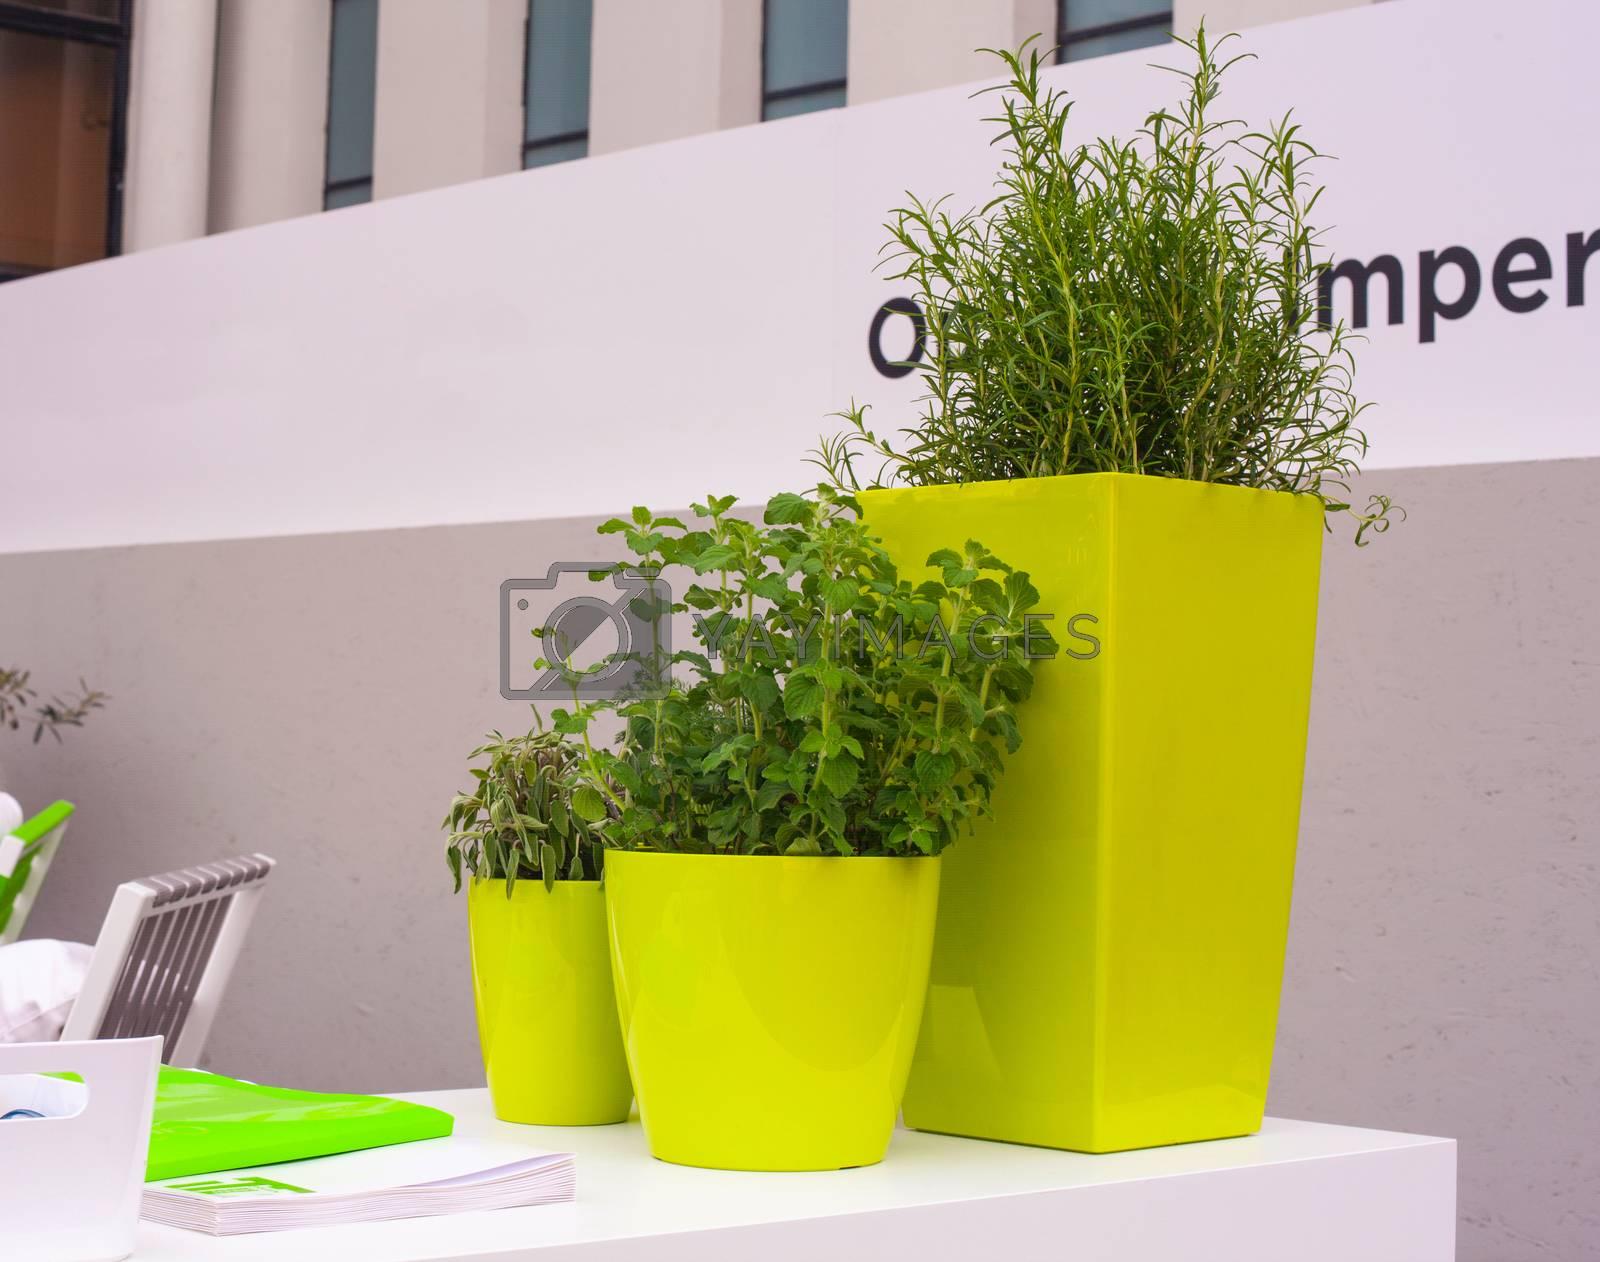 Plants inside the green pots by bepsimage